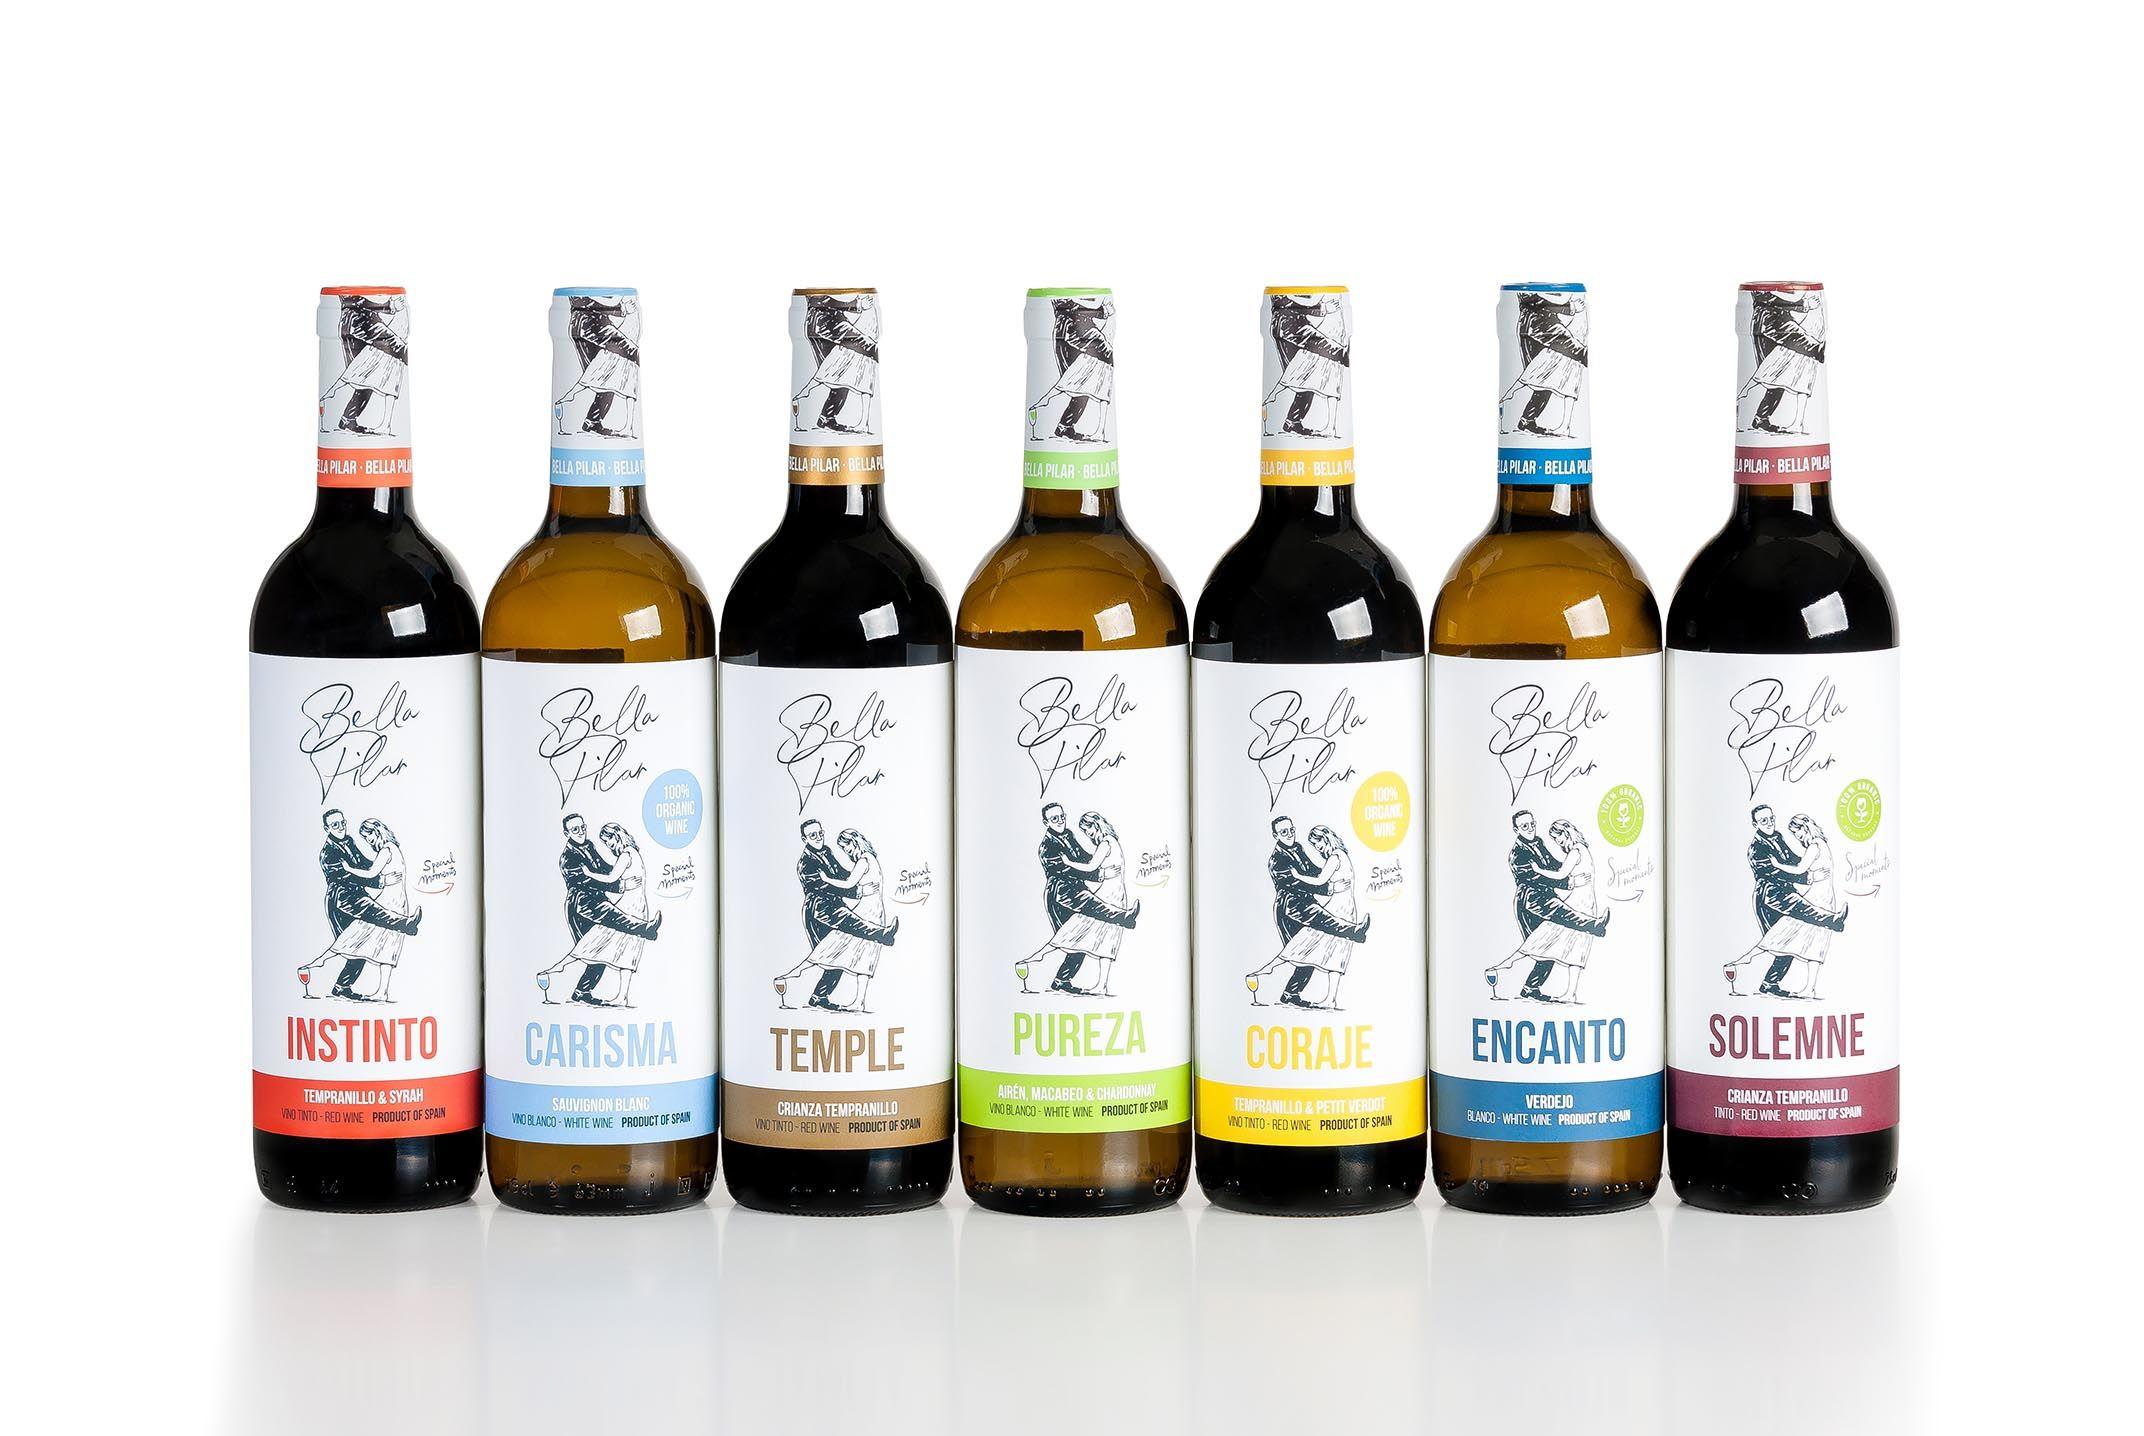 Foto de La gama de vinos Bella Pilar